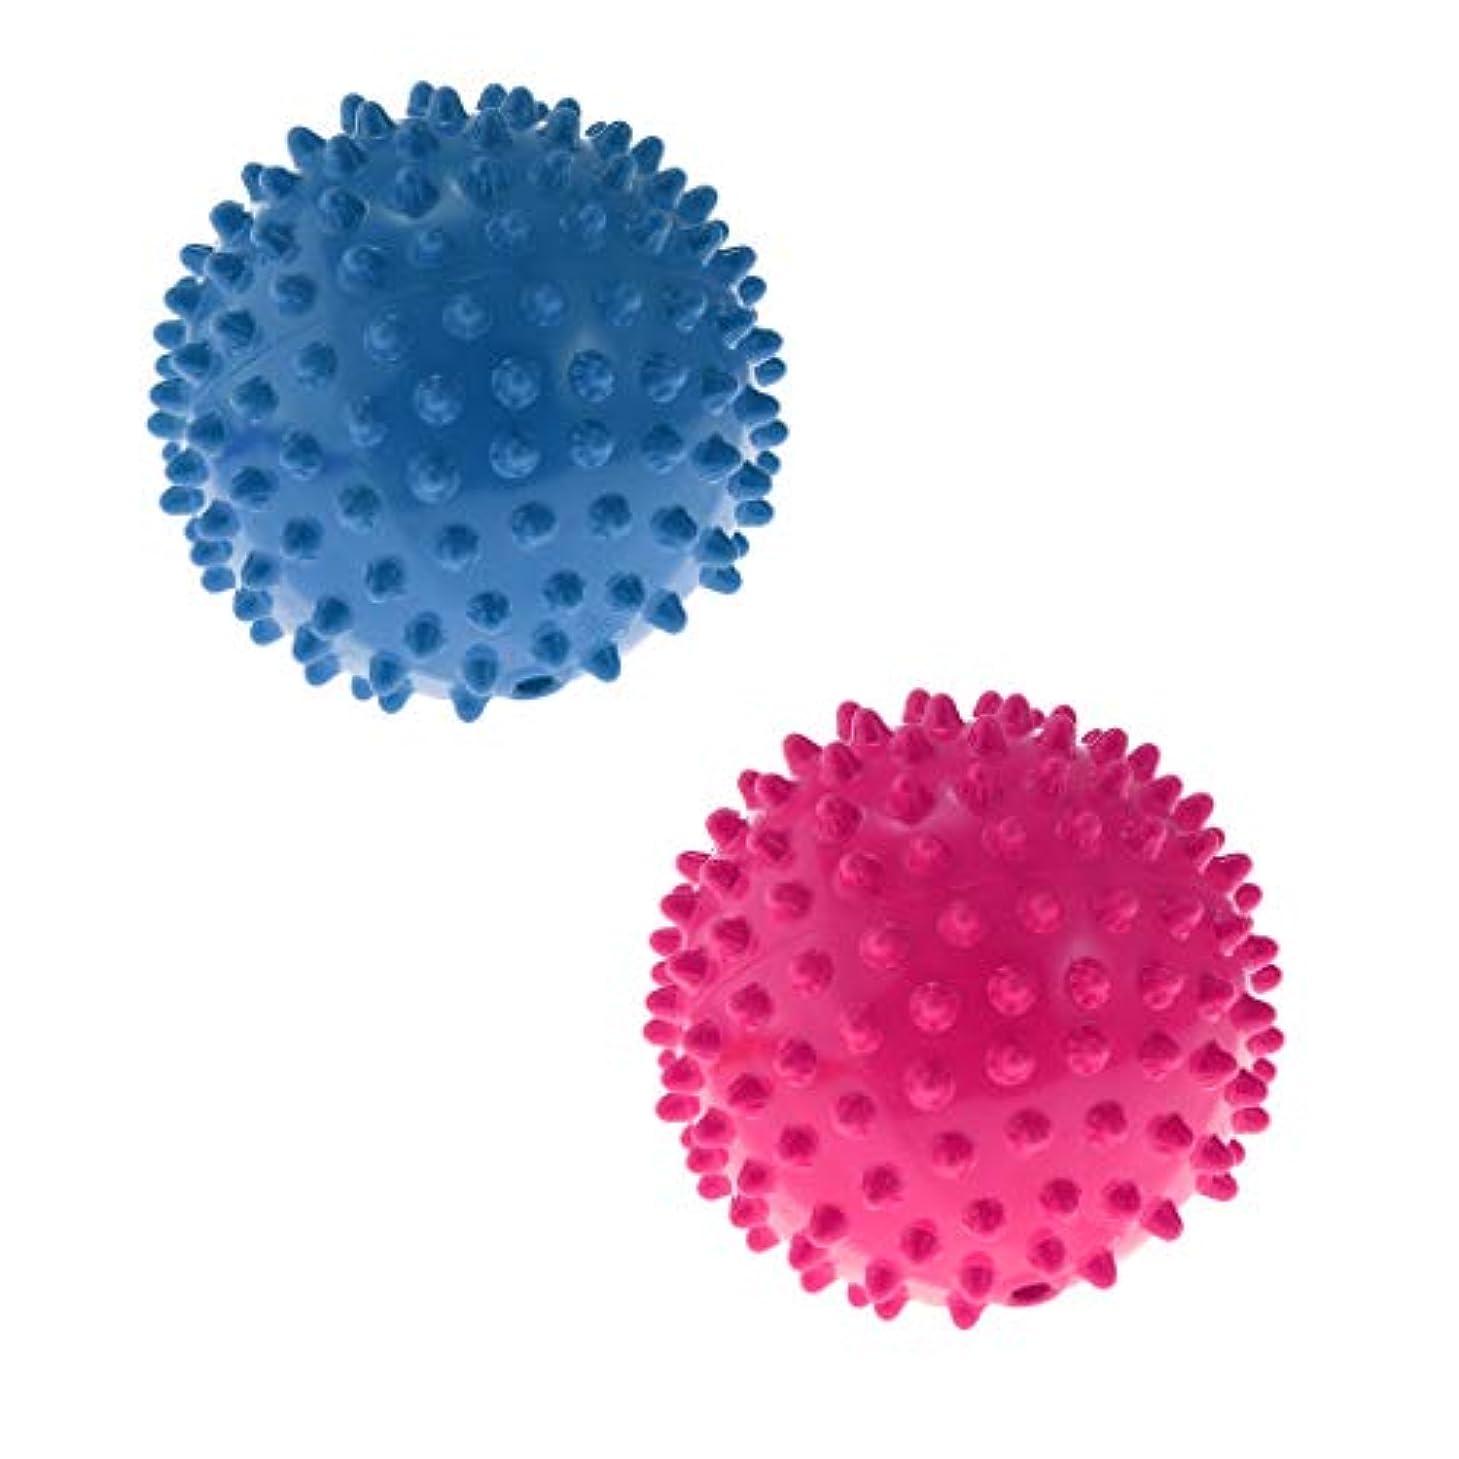 最小化する曲がった銀指圧ボール 触覚ボール マッサージローラー ローラーボール 軽量 持ち運び便利 補助ツール 2ピース